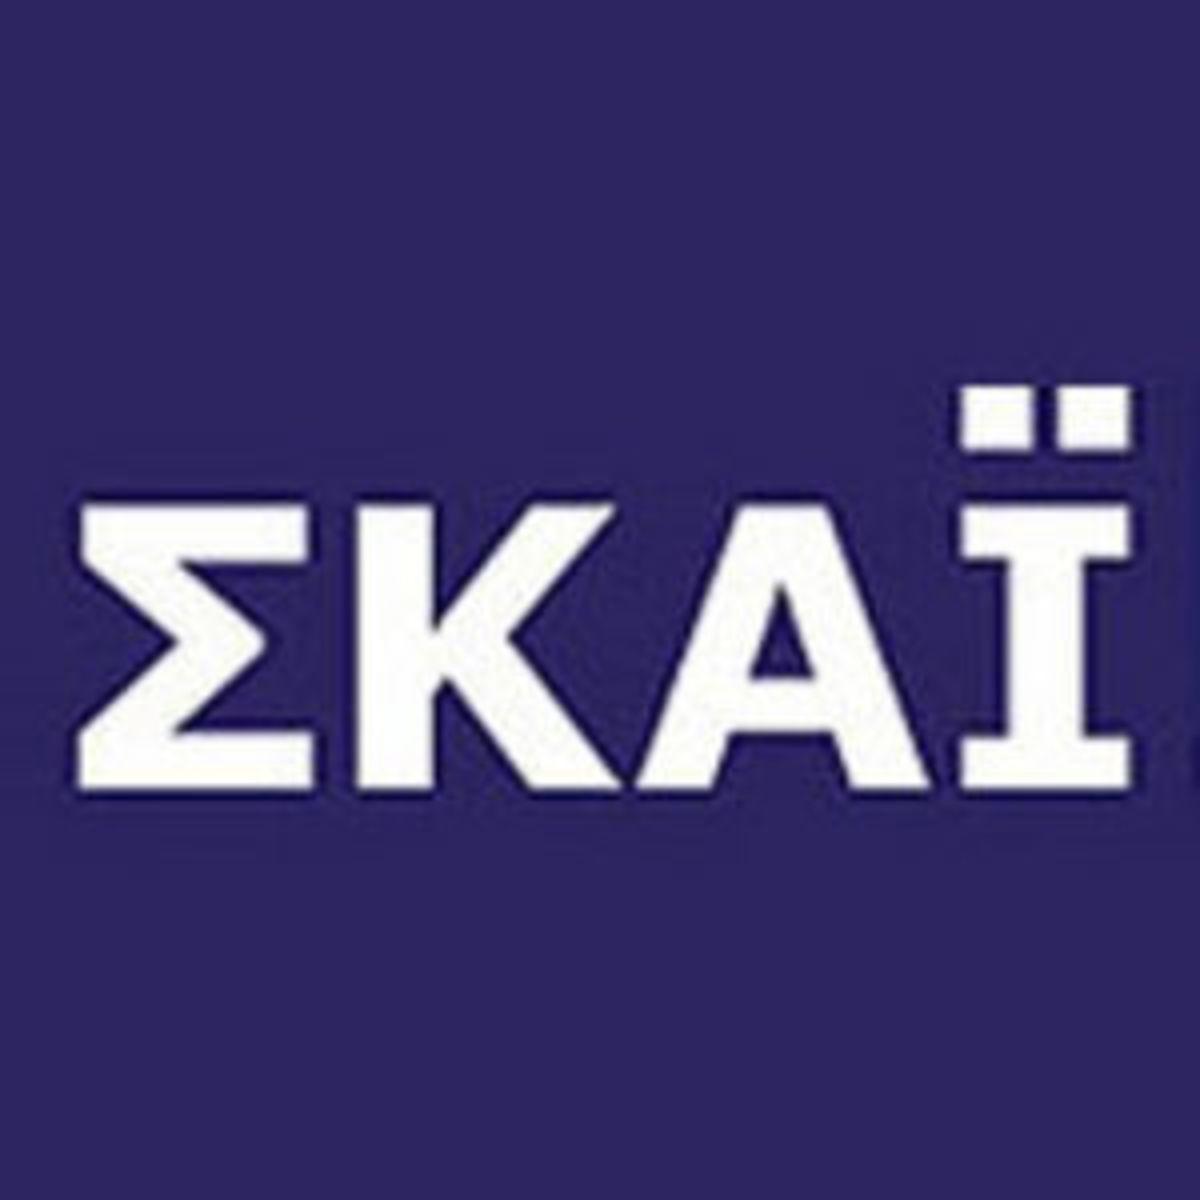 Αιφνιδιστική απεργία της ΕΣΗΕΑ στον ΣΚΑΙ | Newsit.gr